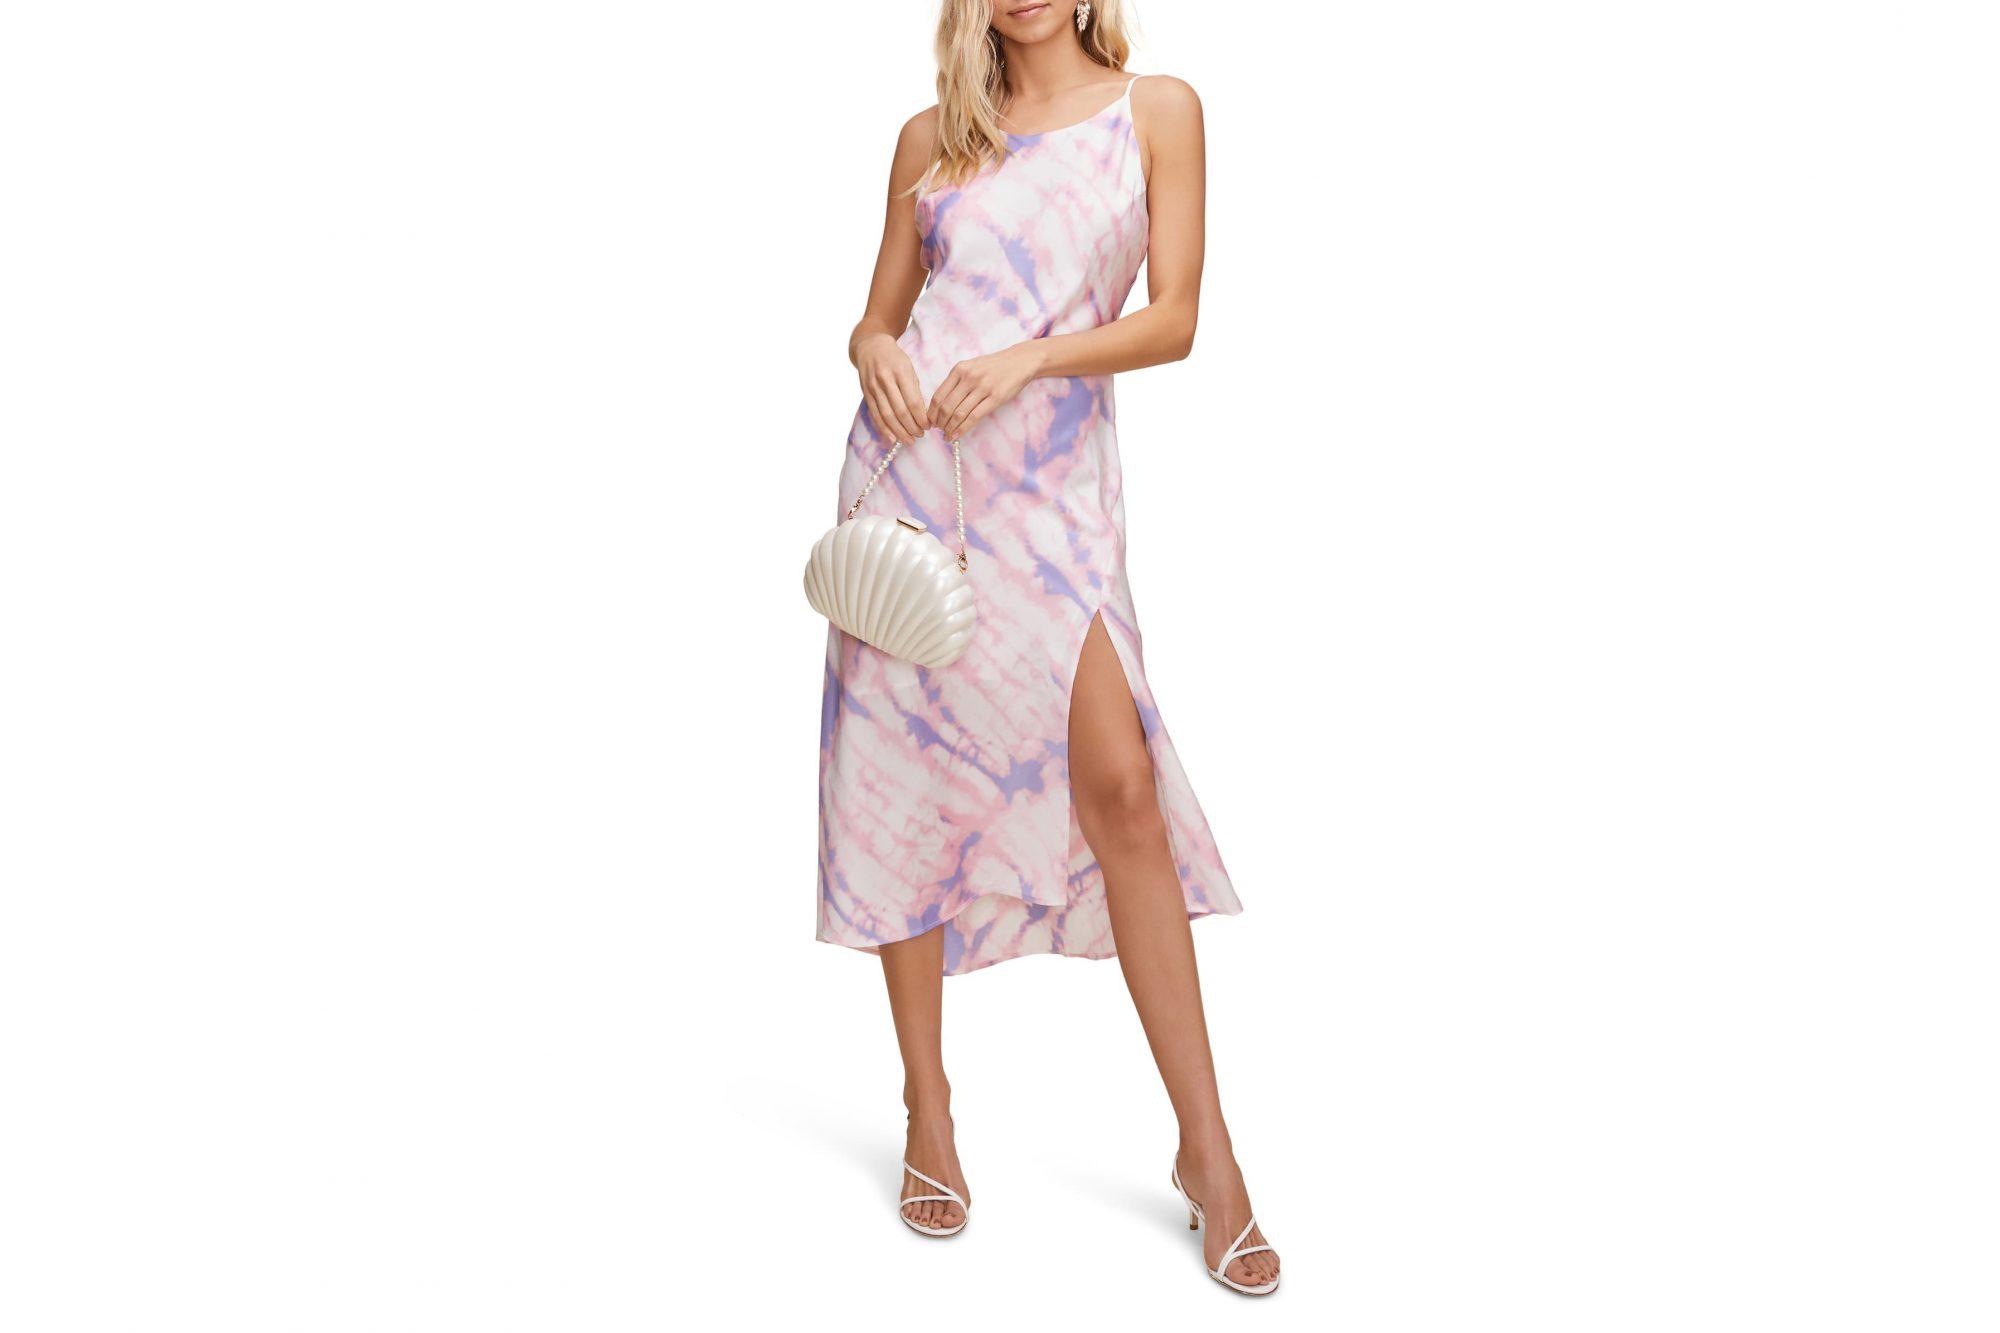 tie-dye fashion satin midi dress